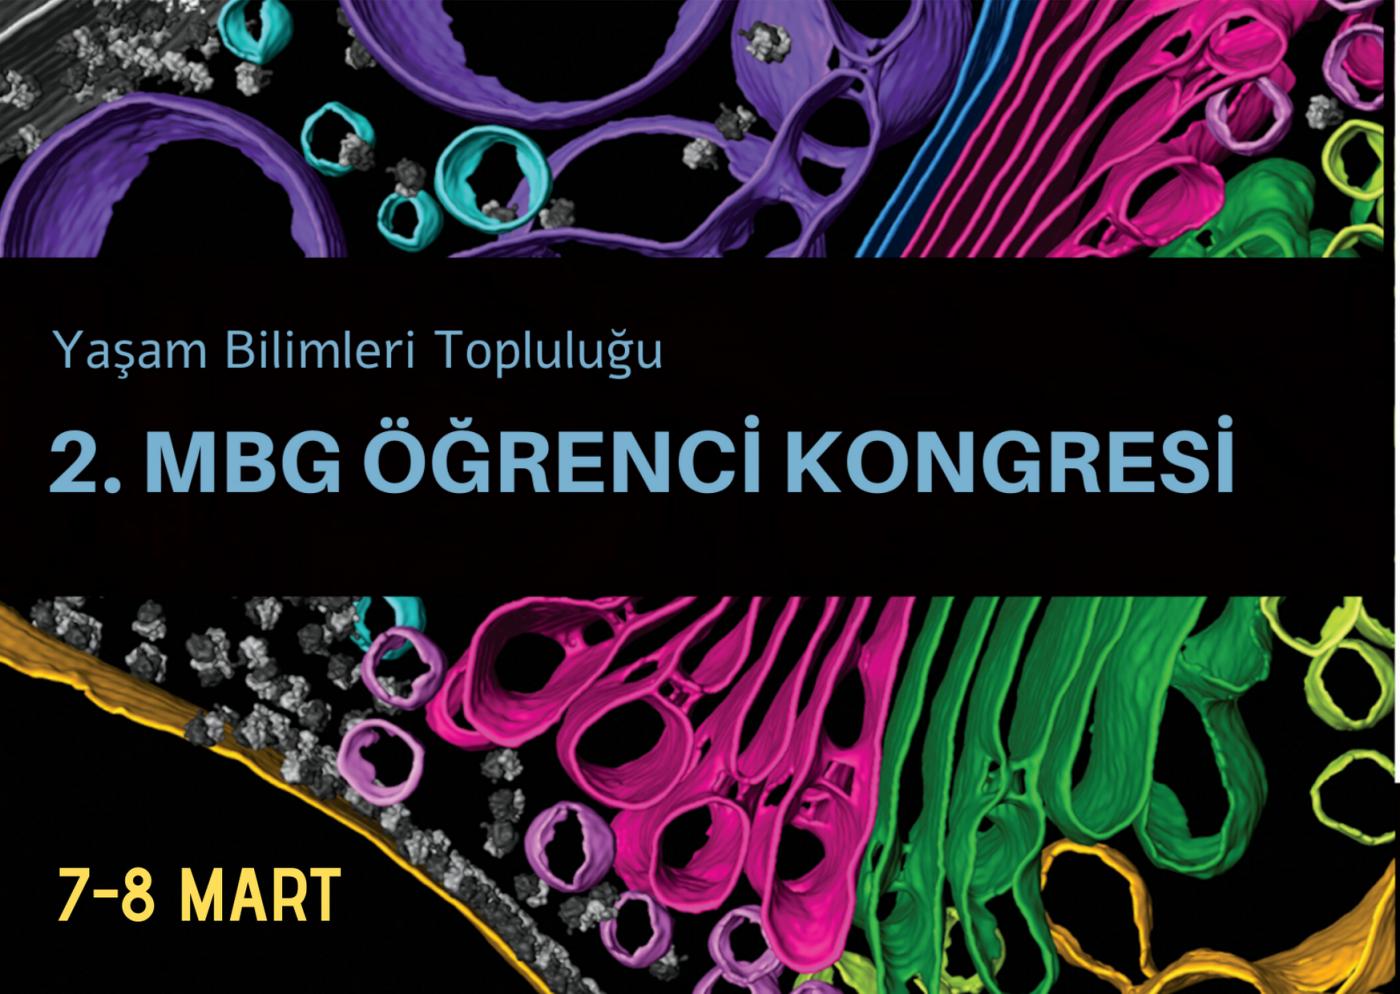 2. Moleküler Biyoloji ve Genetik Öğrenci Kongresi